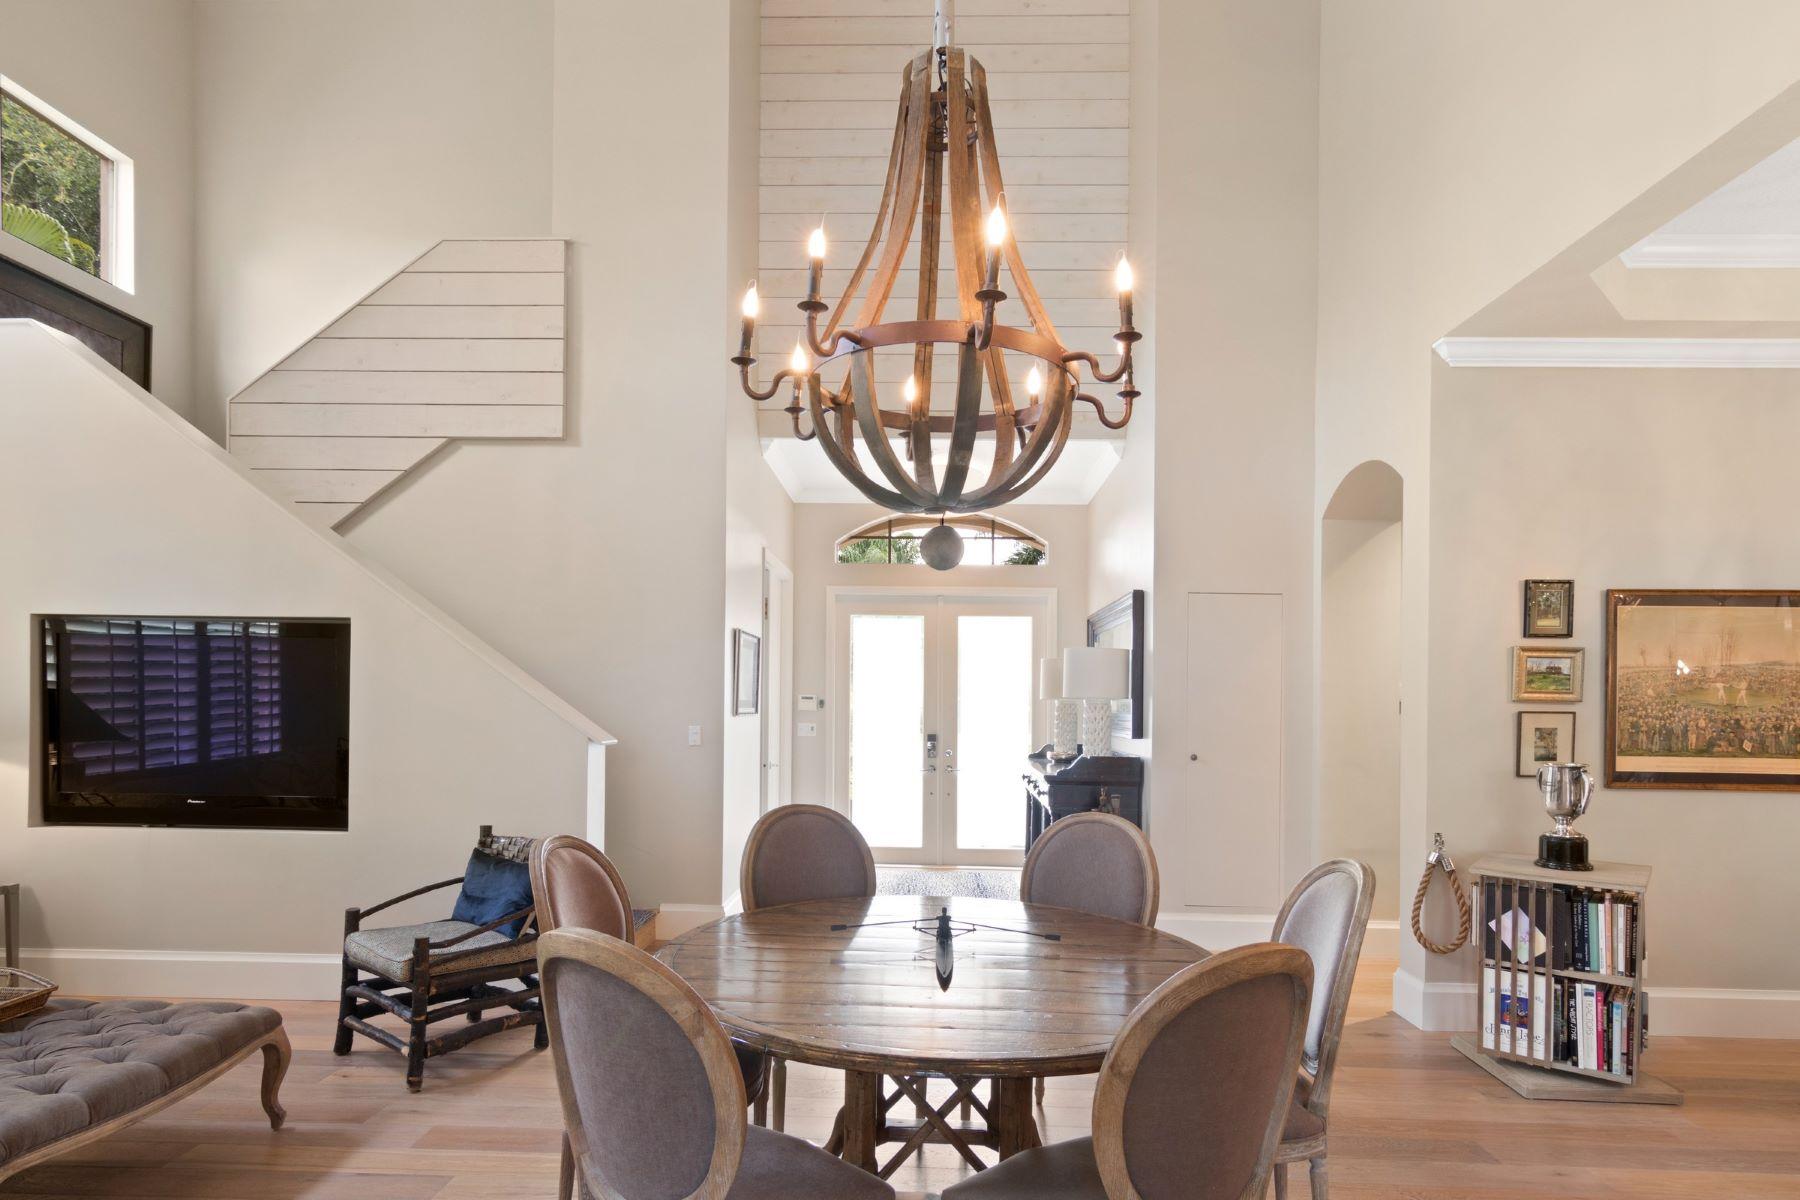 独户住宅 为 销售 在 121 Tranquilla Drive Mirasol, 棕榈滩花园, 佛罗里达州, 33418 美国